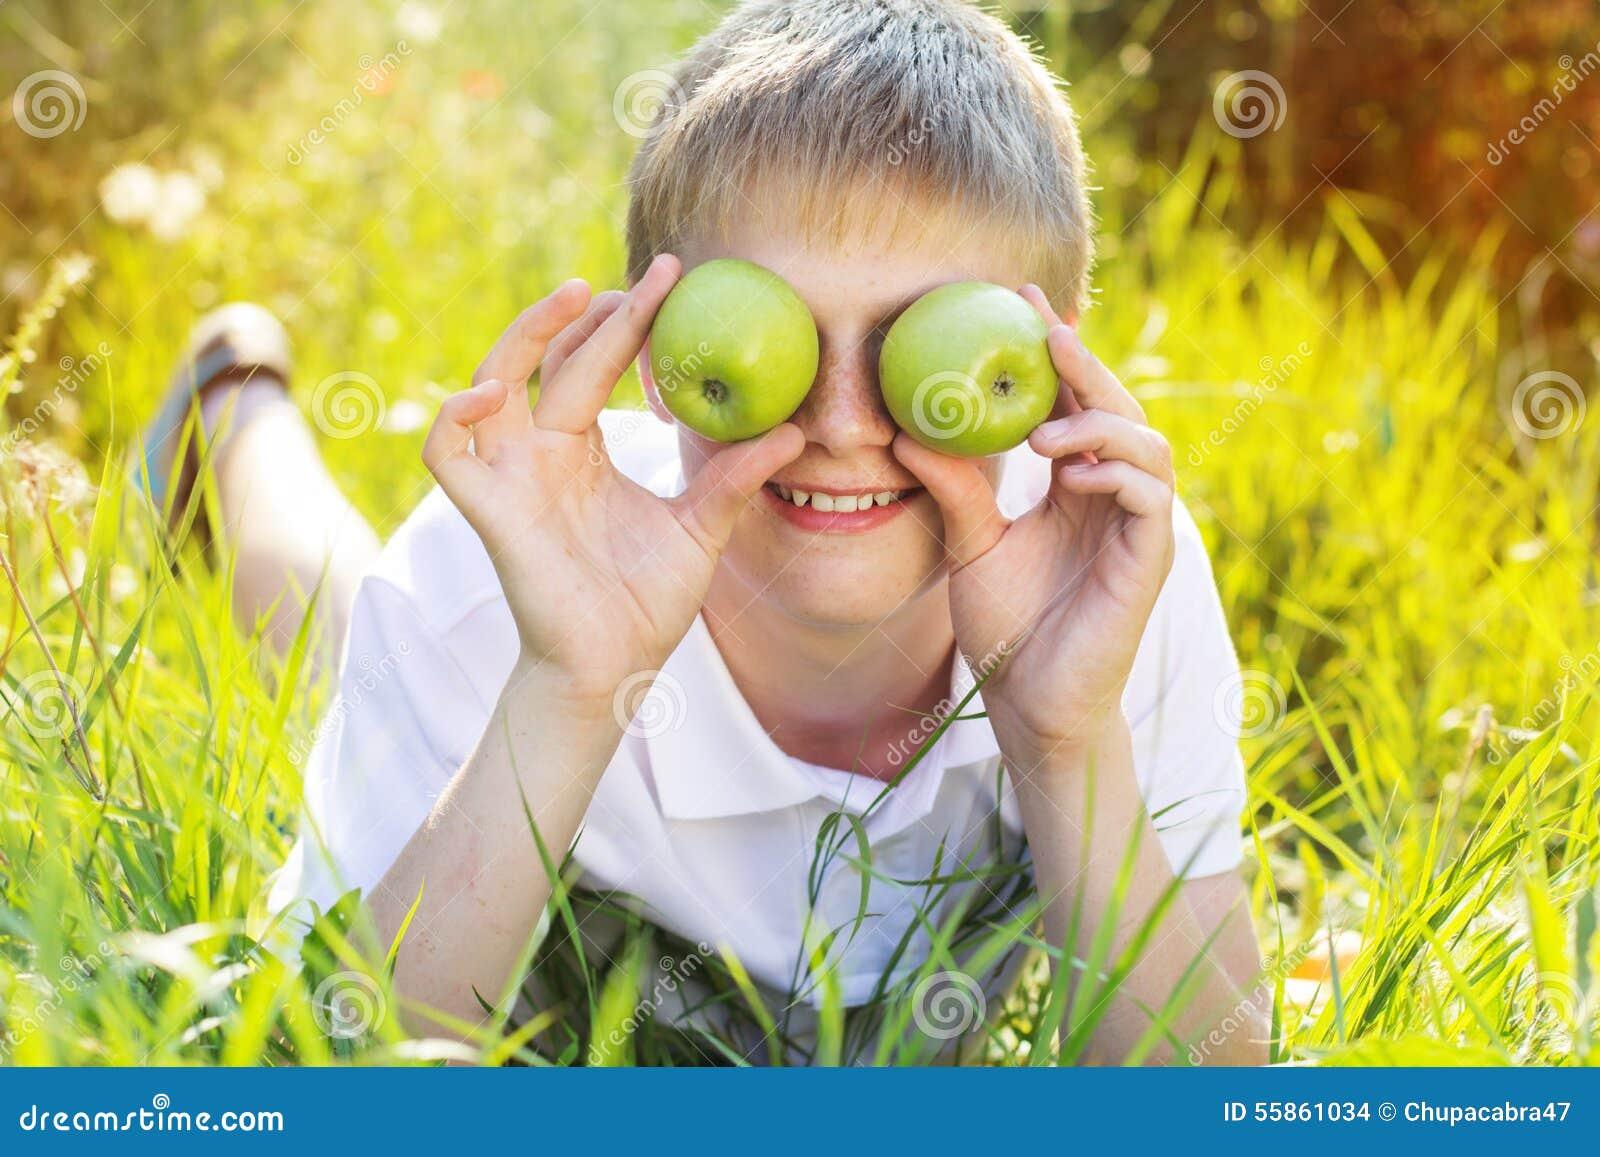 Green Apples Teen Pics 60